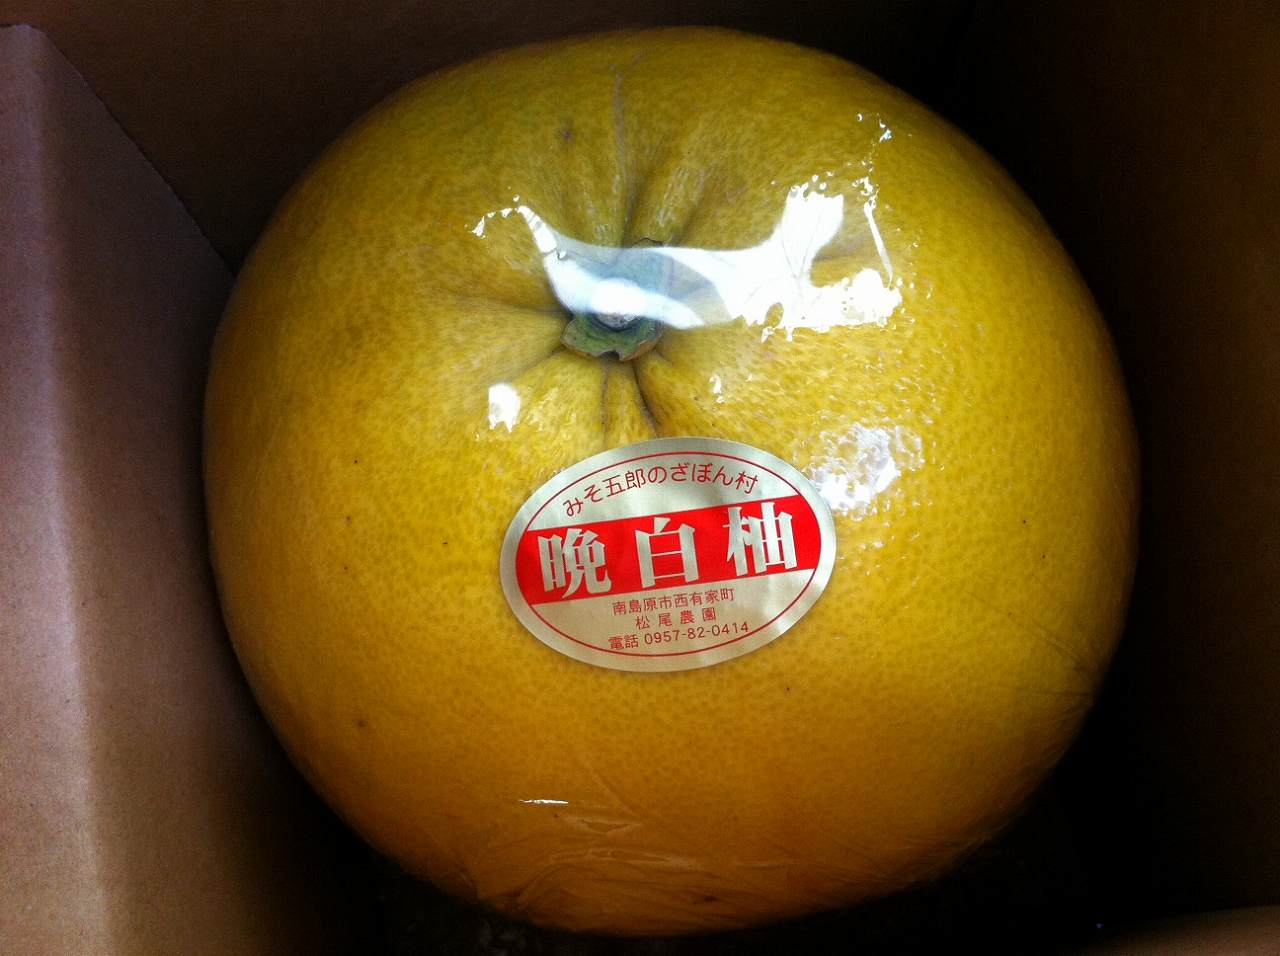 ばんぺいゆ(晩白柚)は柑橘類の王様です。